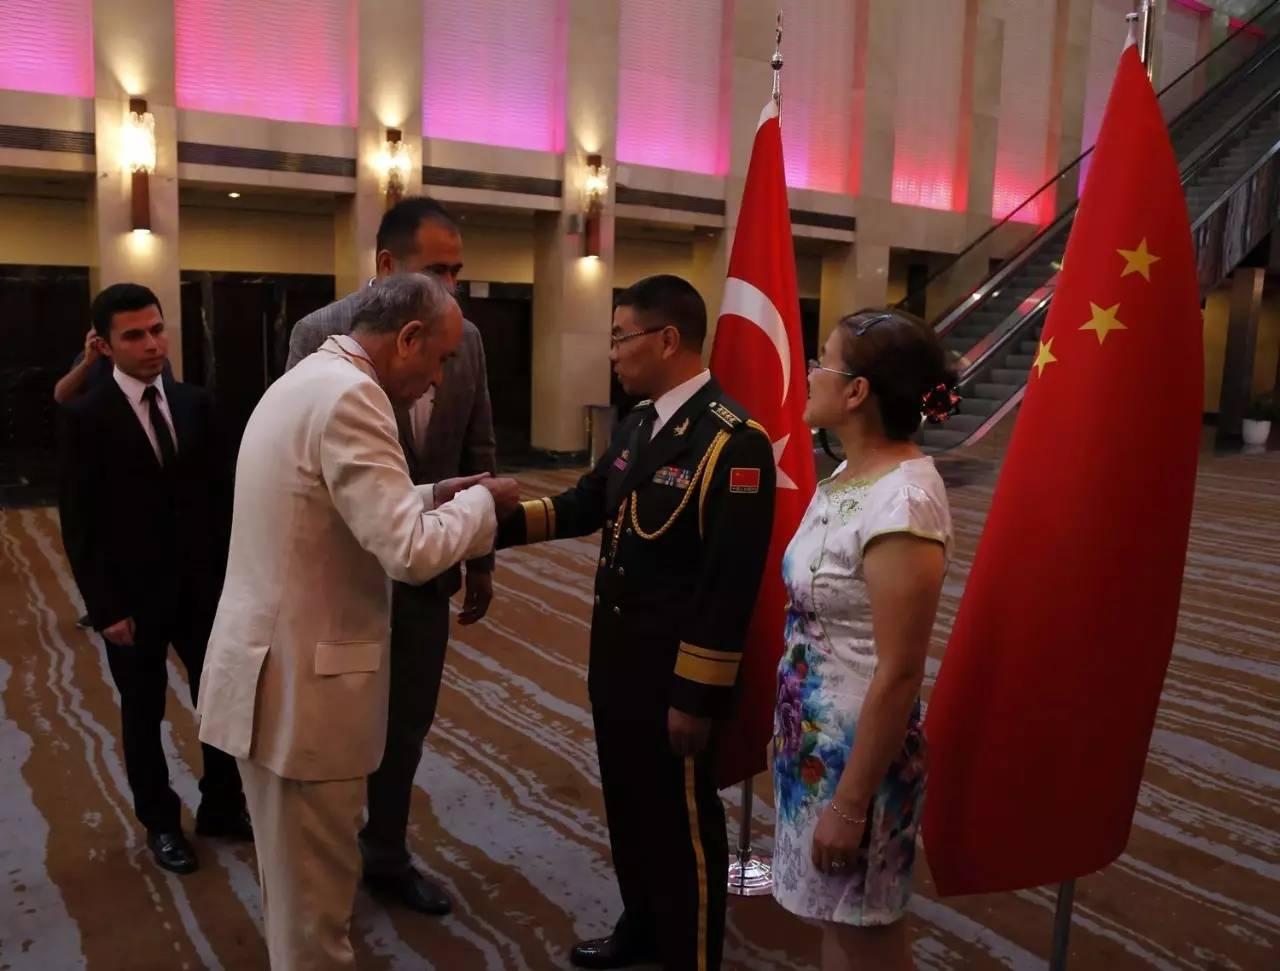 中国驻土耳其使馆举行庆祝建军90周年招待会